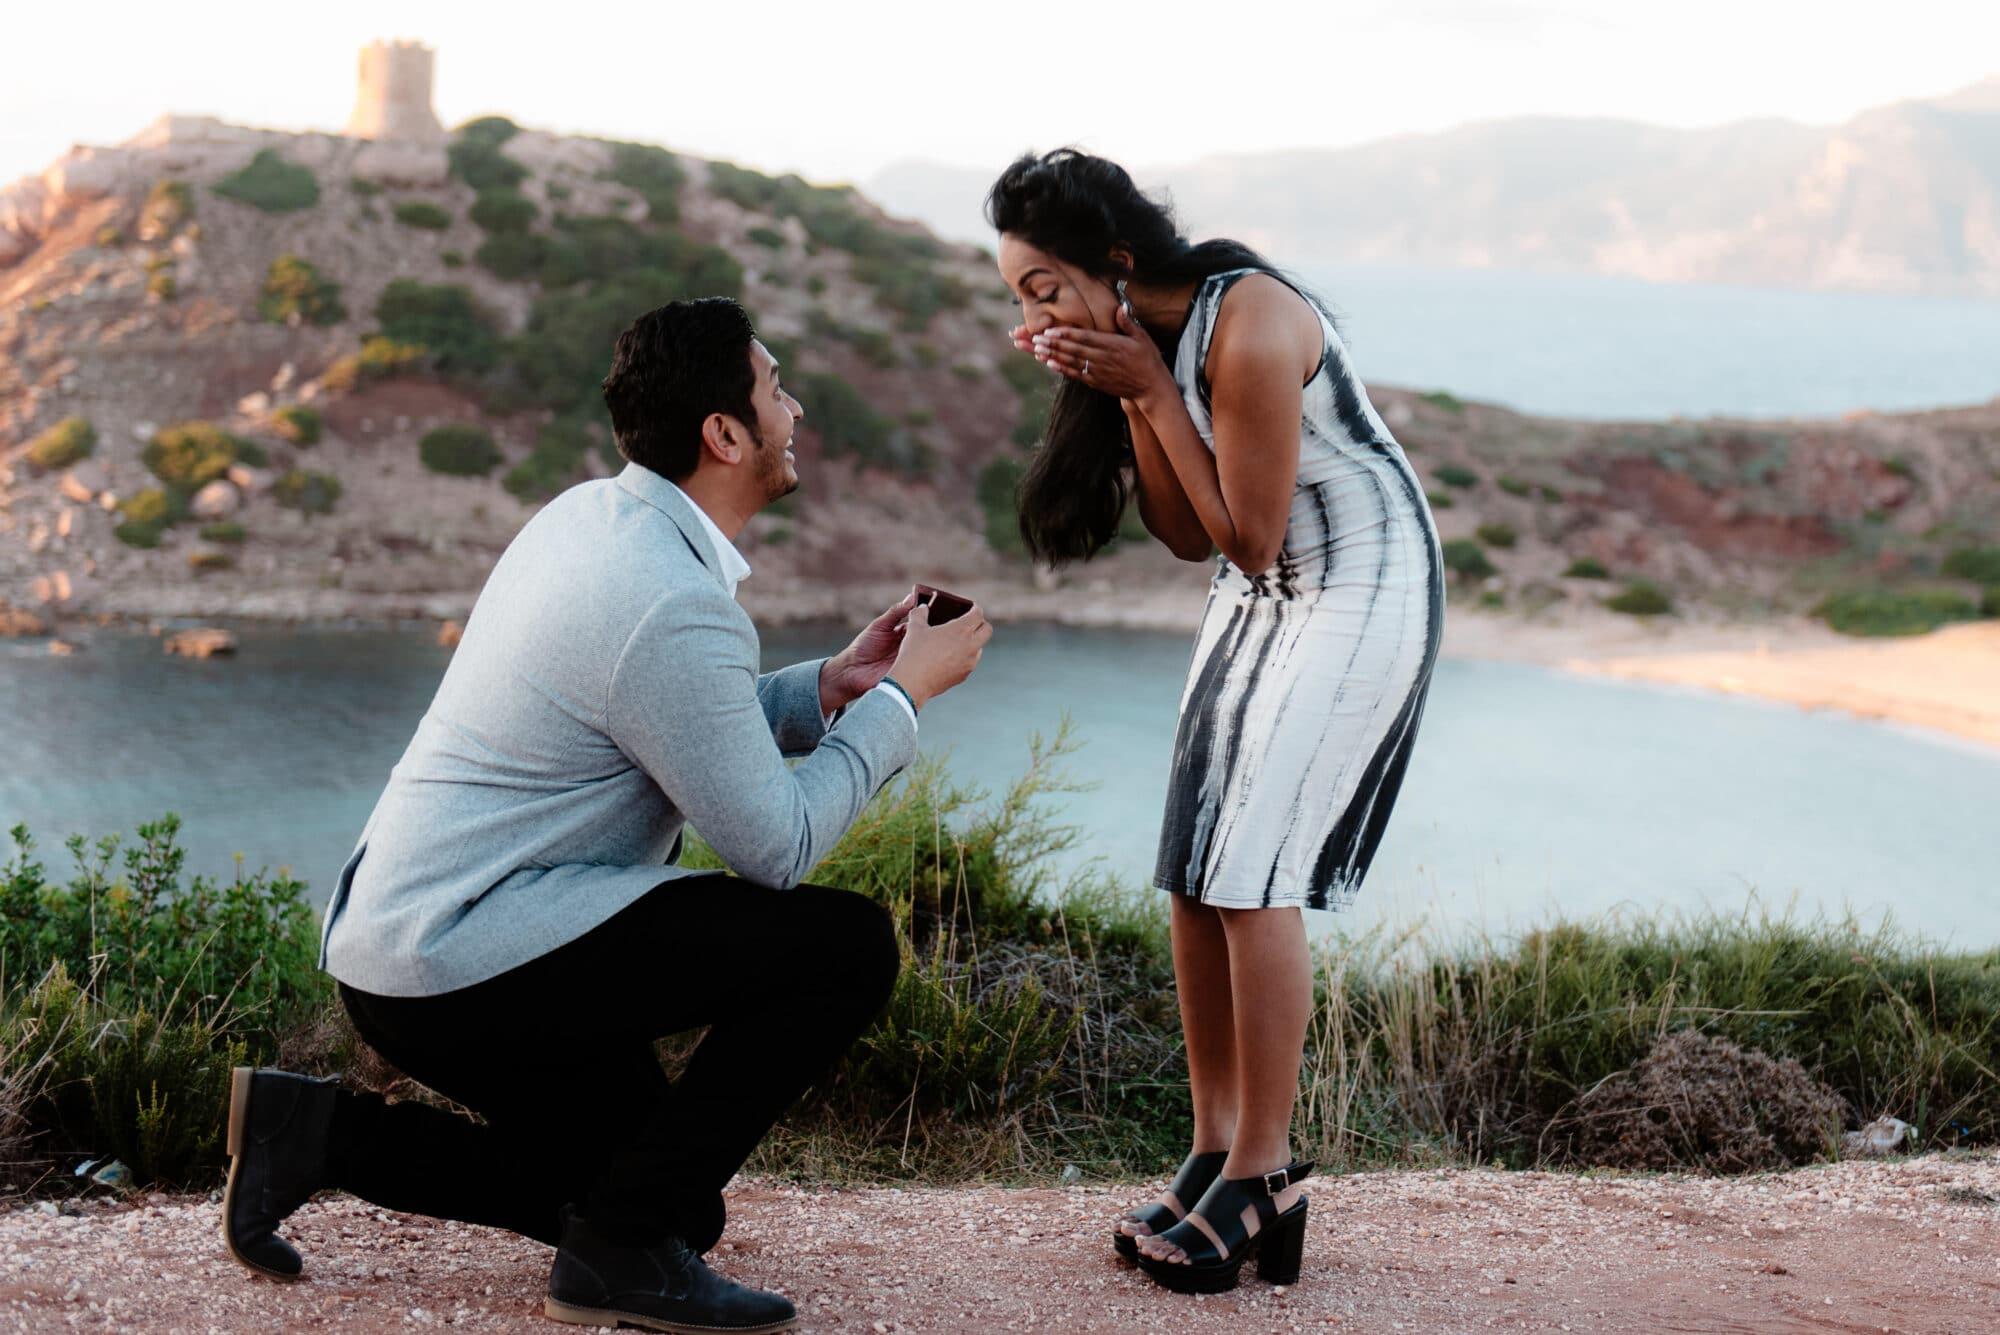 Why Choose Alghero, Sardinia For a Wedding Proposal?